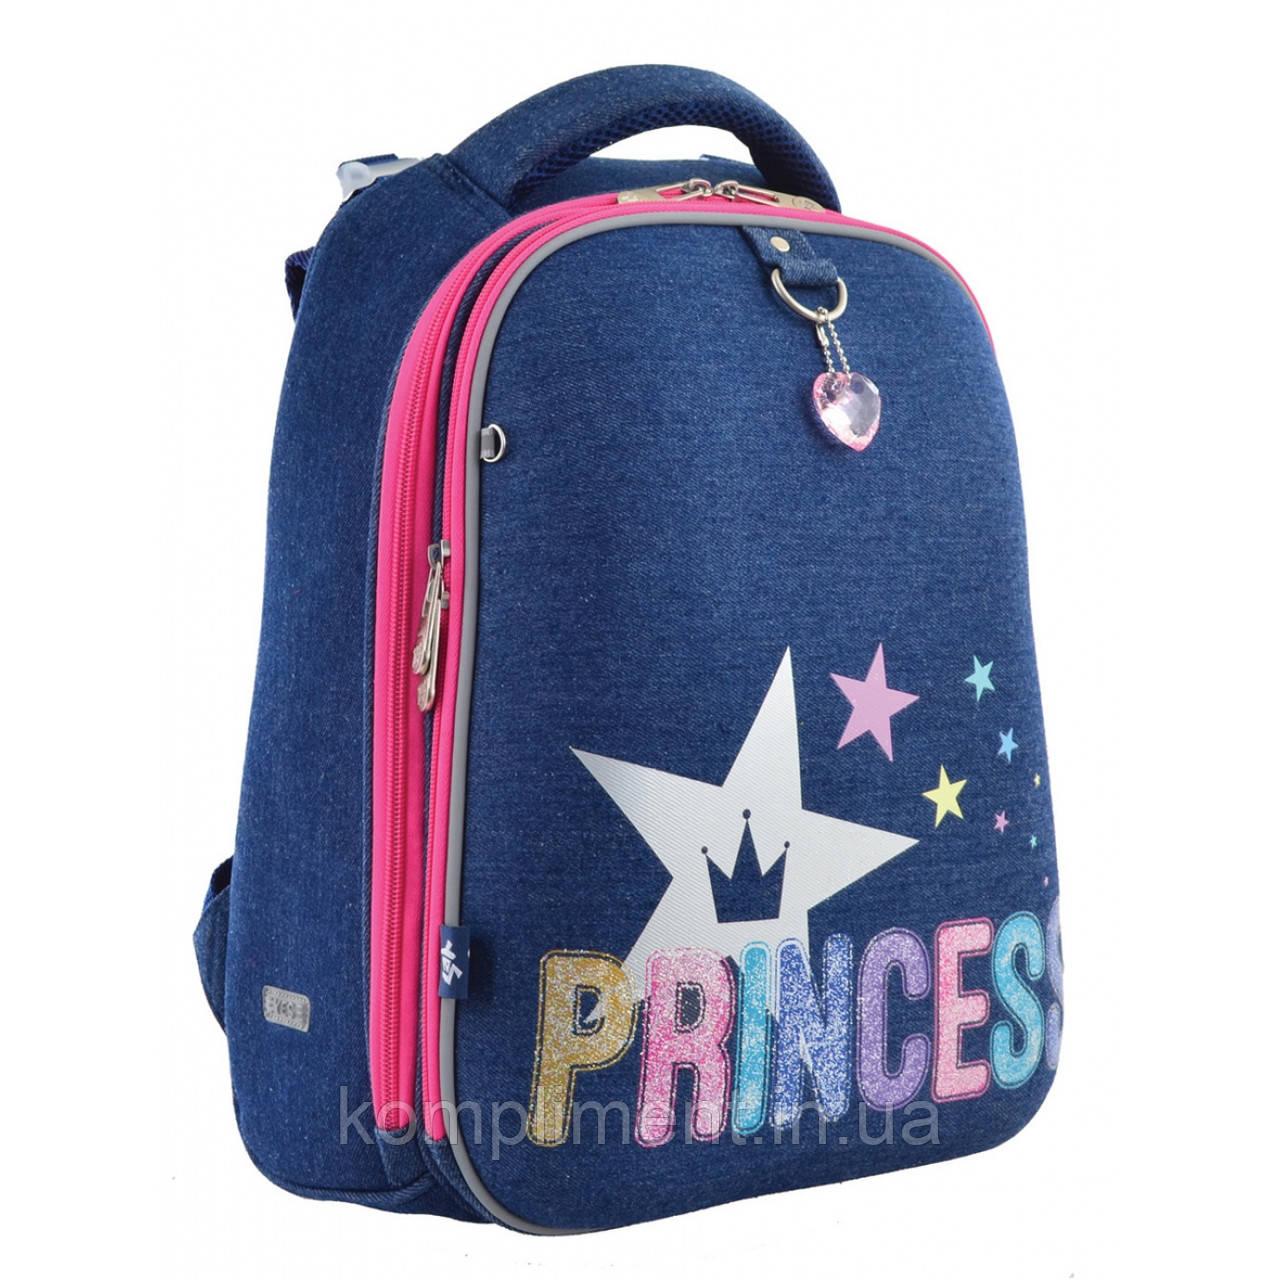 """Рюкзак шкільний каркасний ортопедичний для дівчинки Н-12 """"Princess"""""""